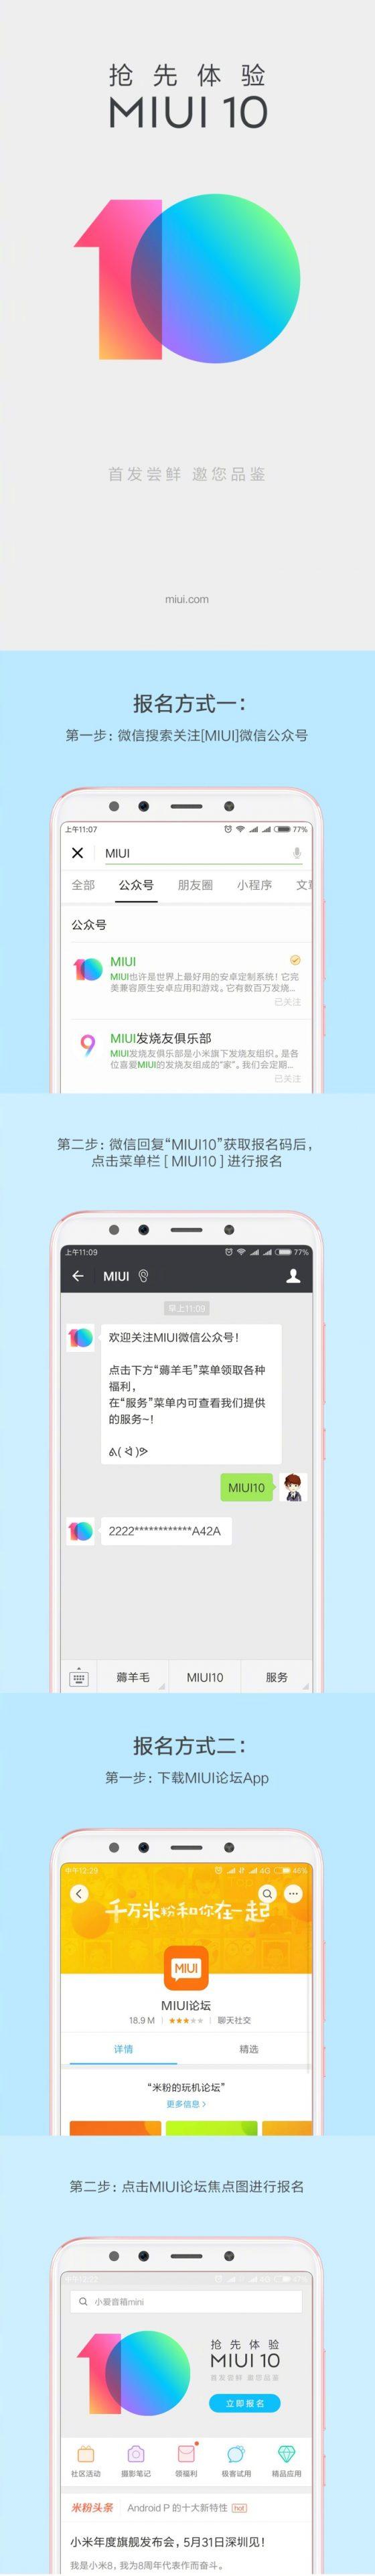 MIUI 10 Beta jakie smartfony Xiaomi kiedy